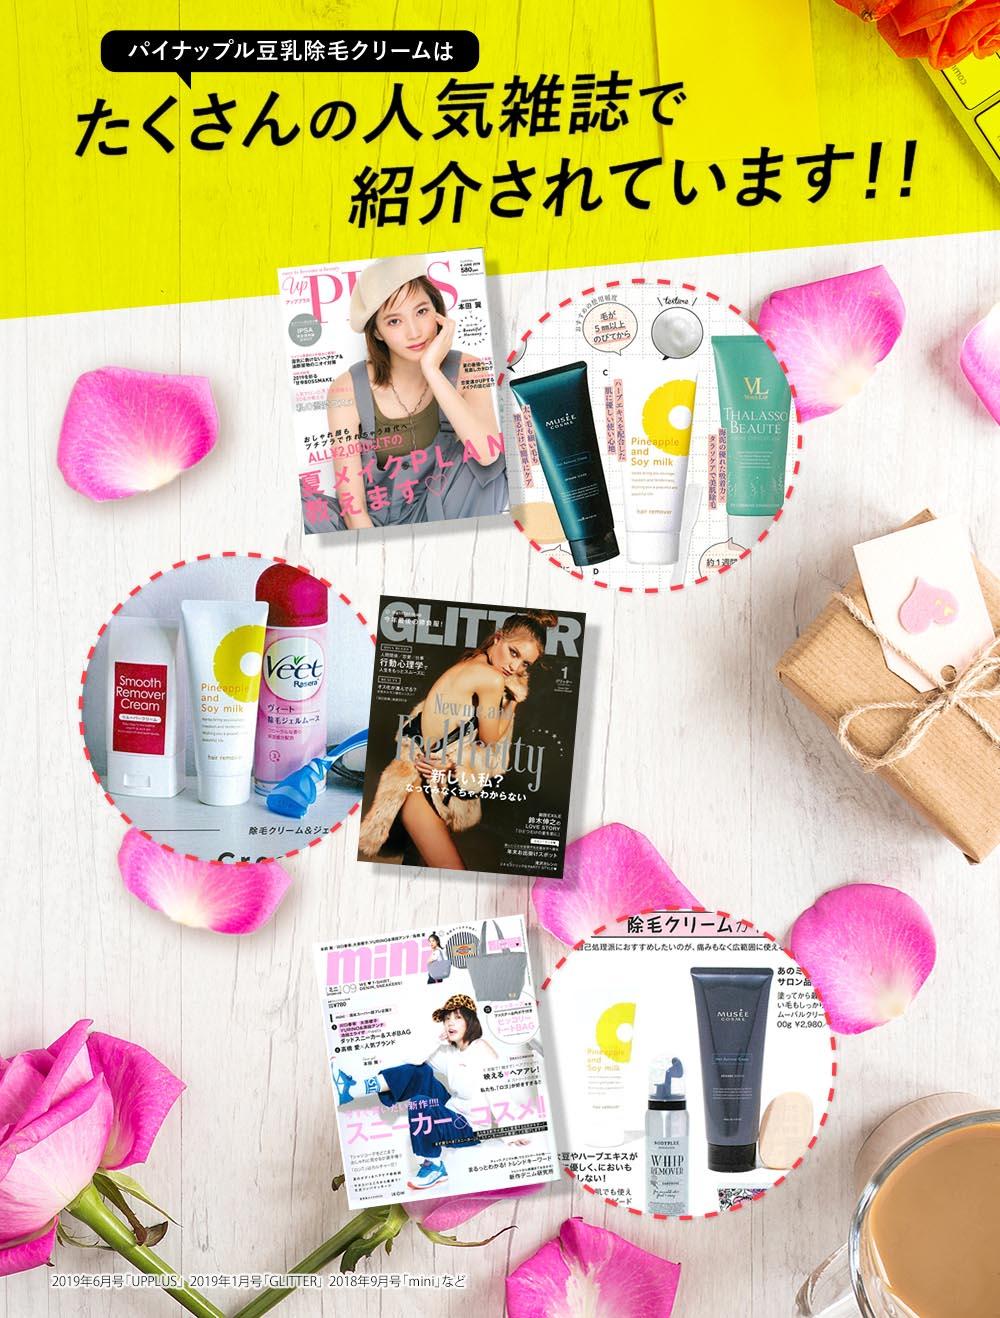 パイナップル豆乳除毛クリームはたくさんの人気雑誌で紹介されています!!